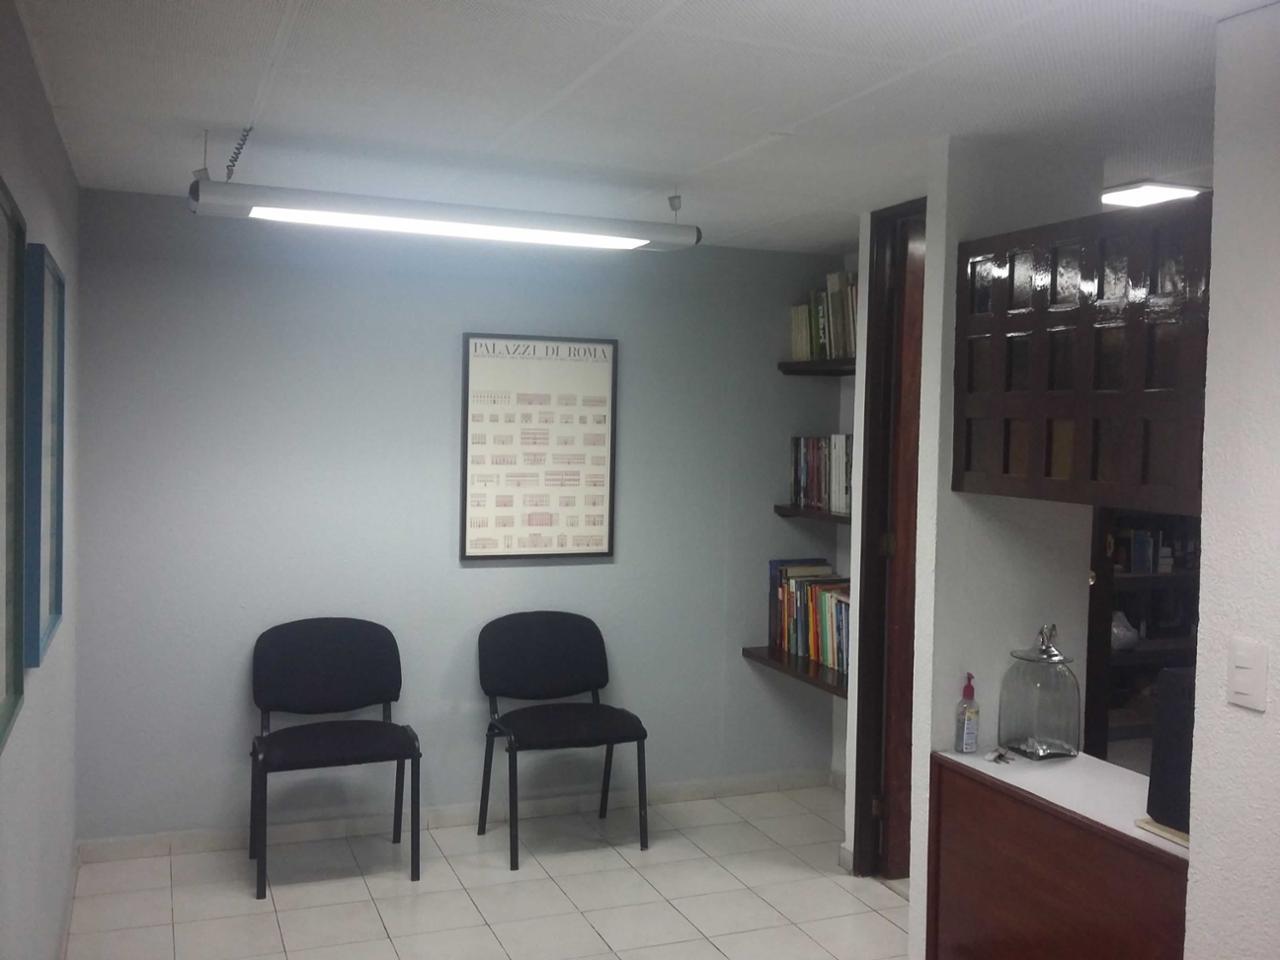 Oficina en Venta Filadelfia, Col. Napoles, Nápoles, Benito Juárez, Distrito Federal (cdmx)